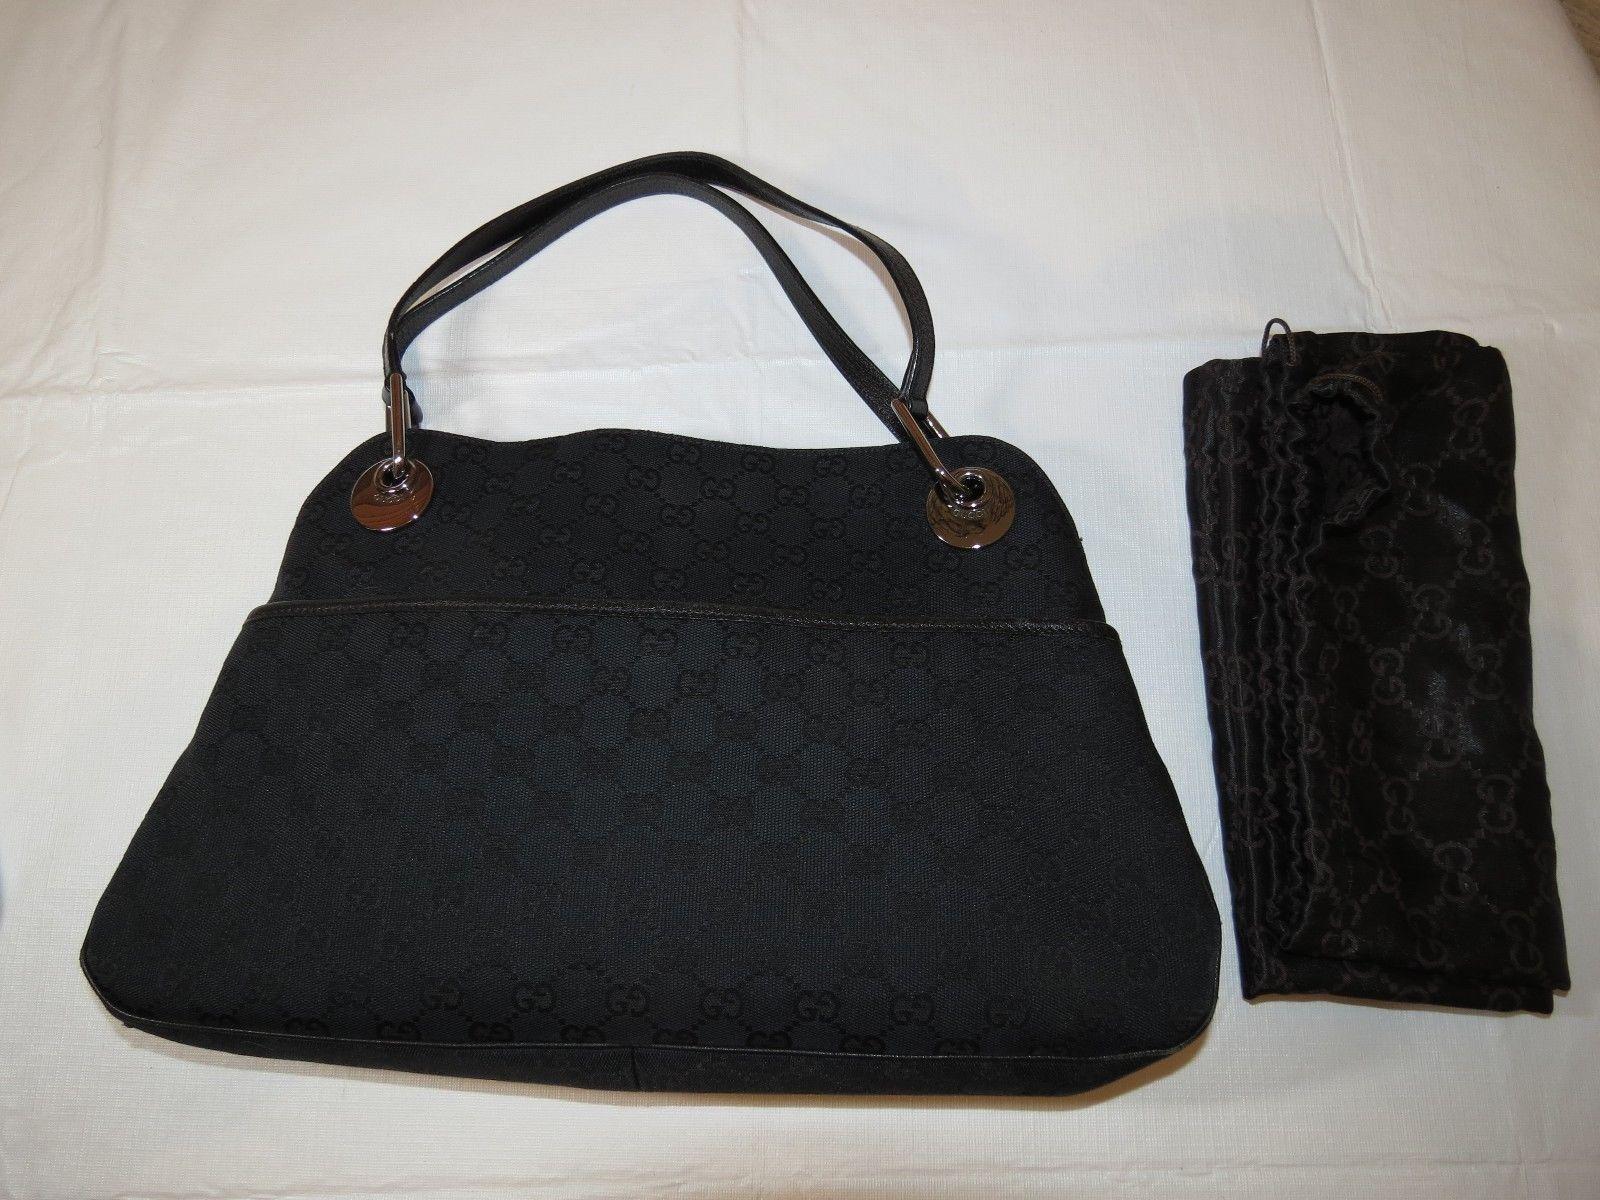 8d3b80187045 57. 57. Previous. Authentic Gucci GG Designer Shoulder Bag Eclipse Monogram  Black Canvas Leather